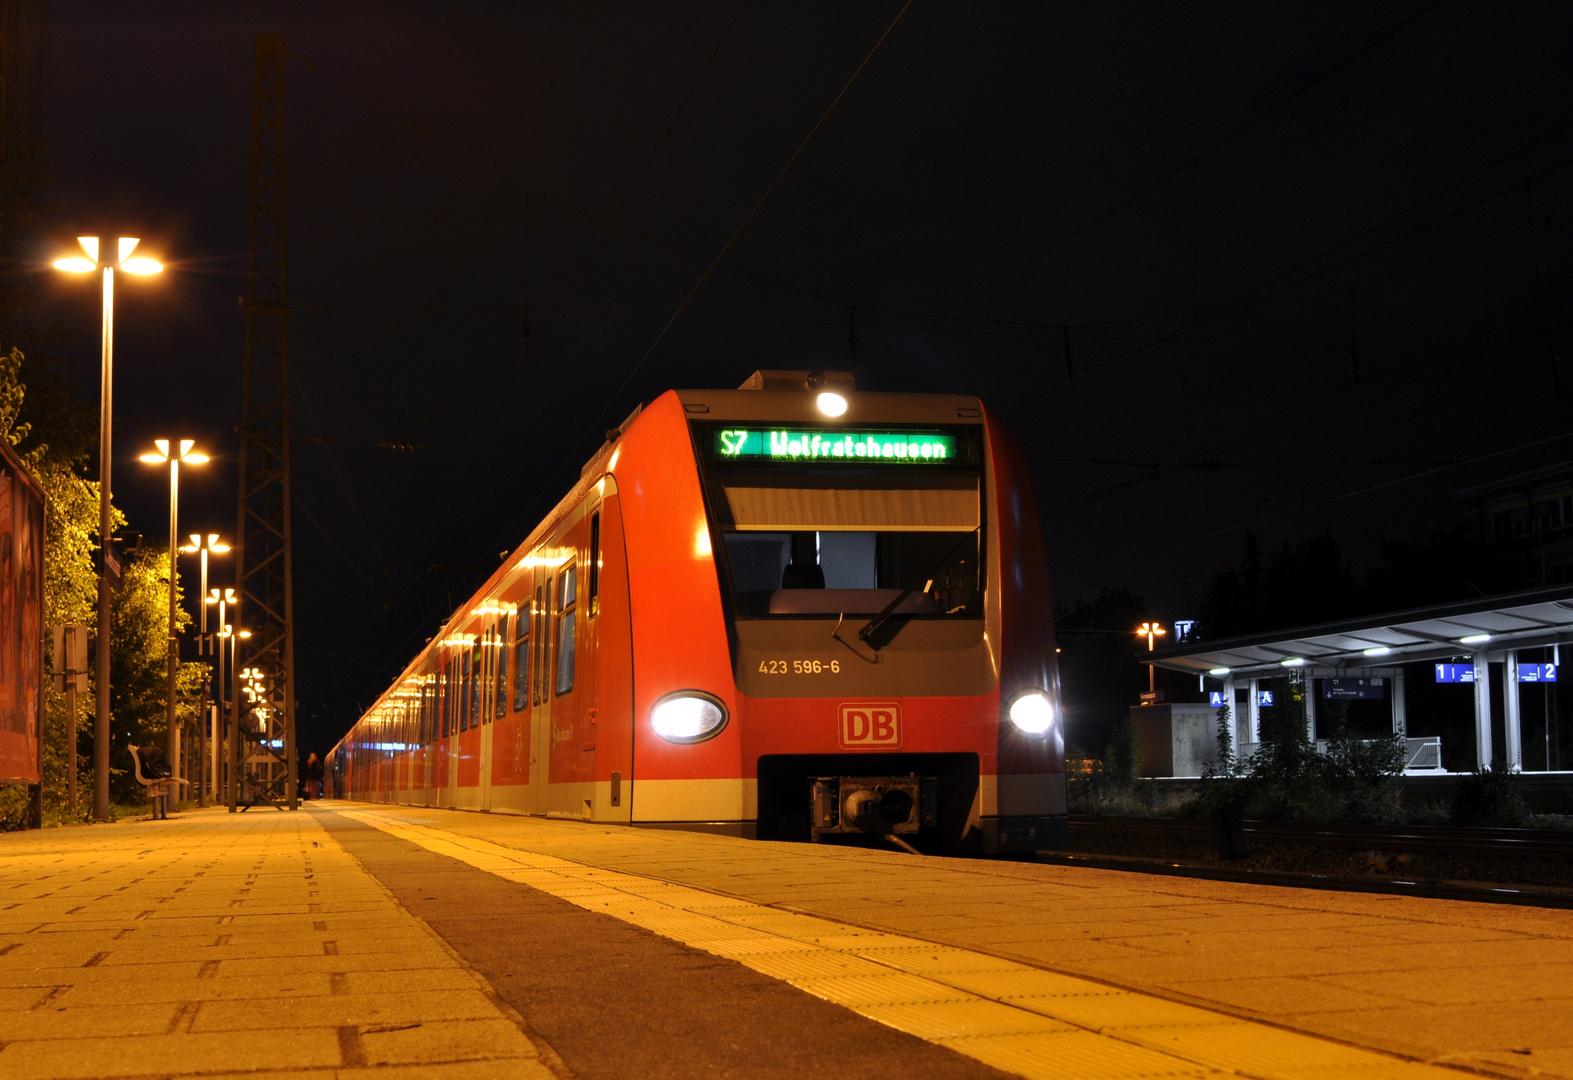 Heimeranplatz-West